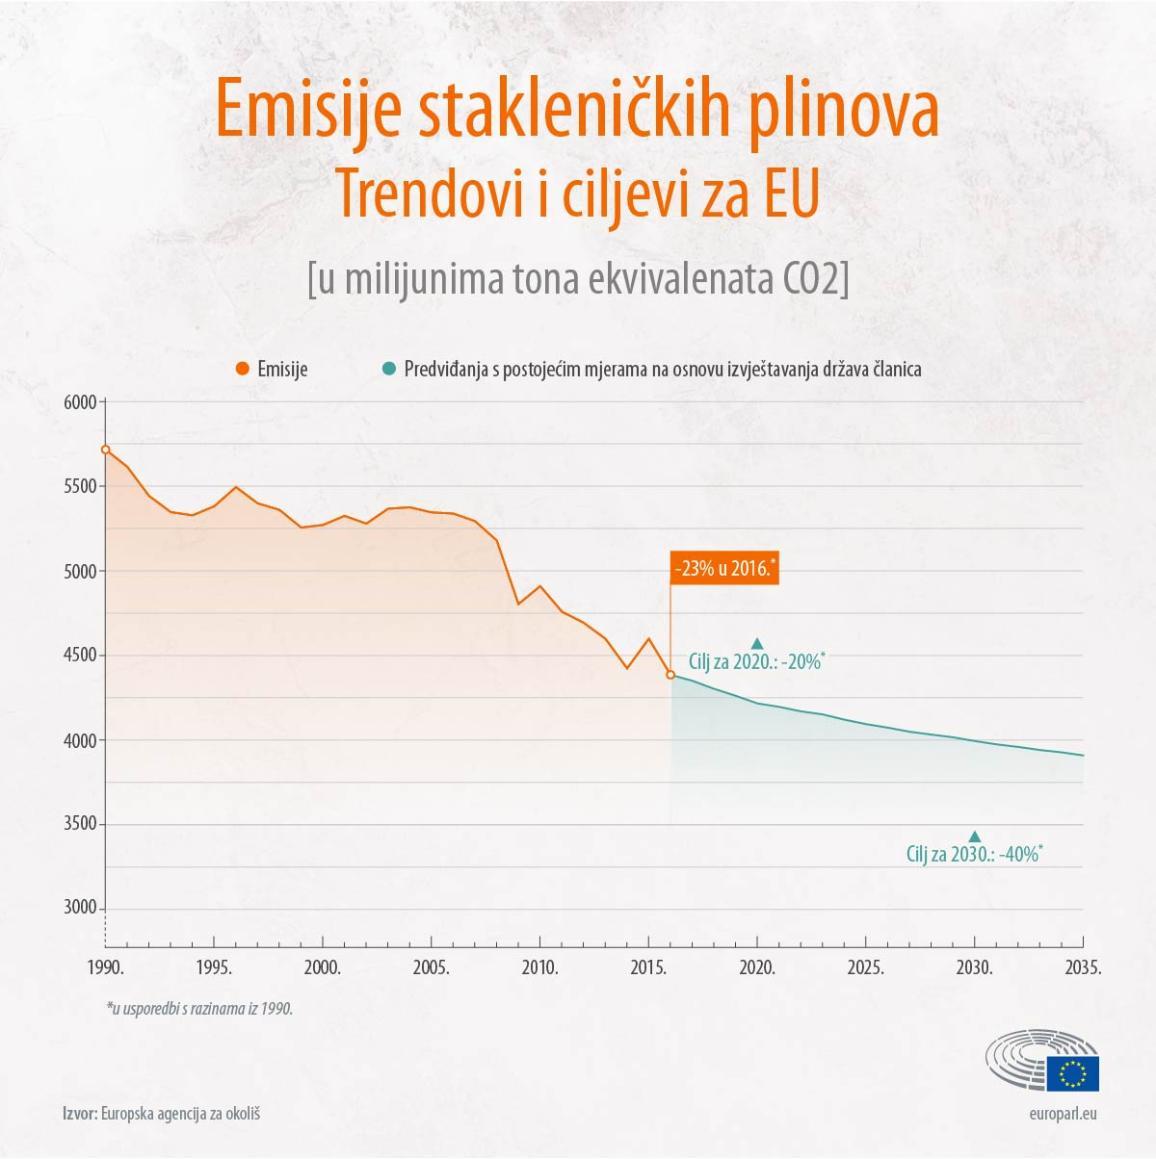 emission EU targets